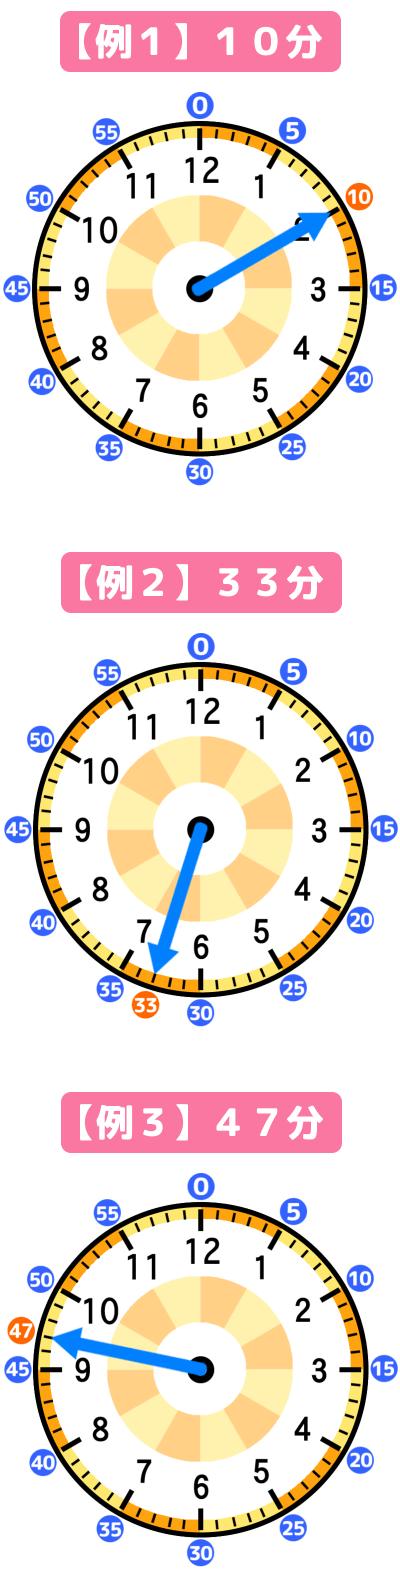 時計の長針の動き